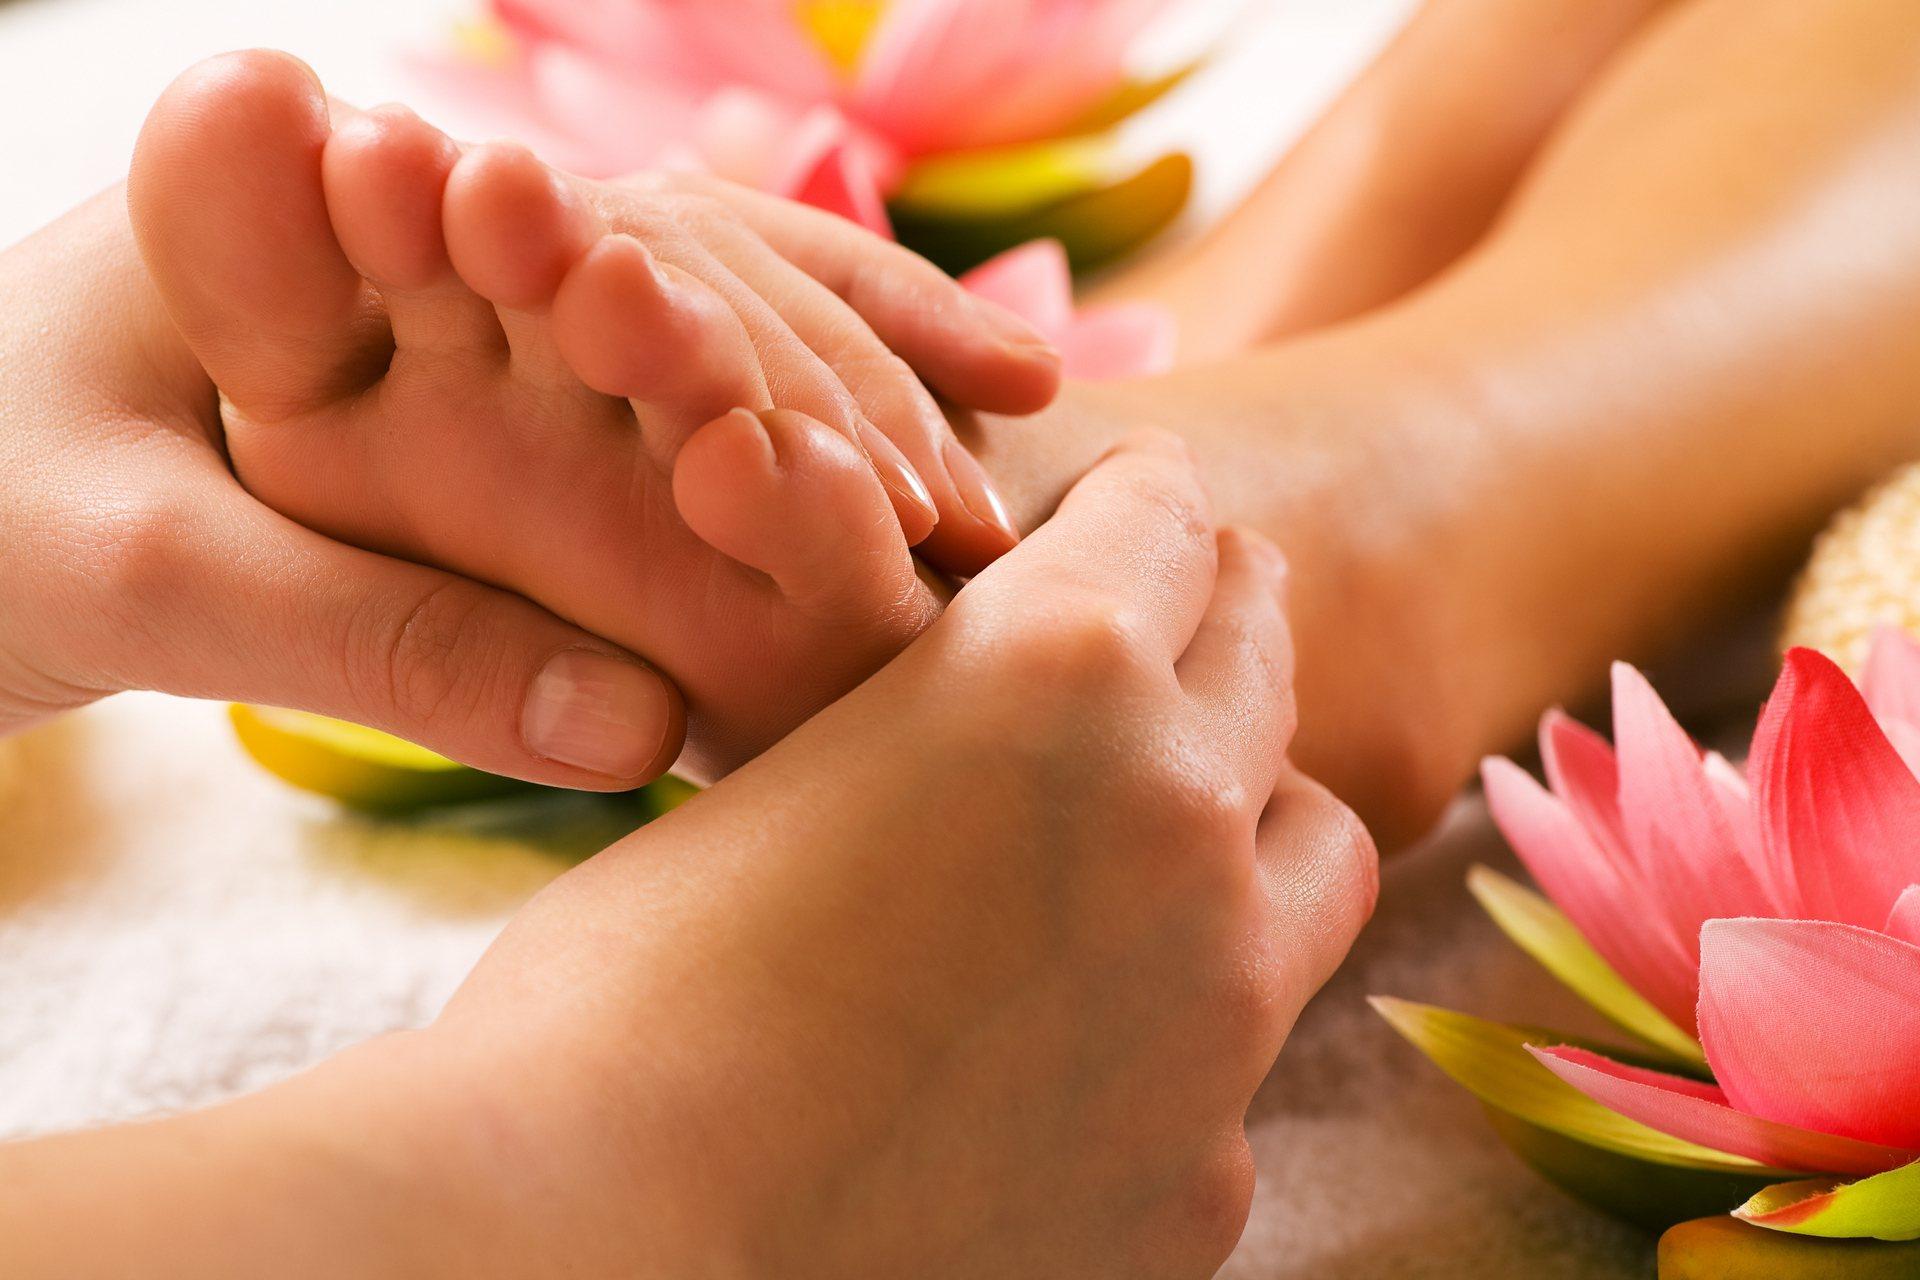 fájdalom a lábak és a kezek ízületeinek végtagjain